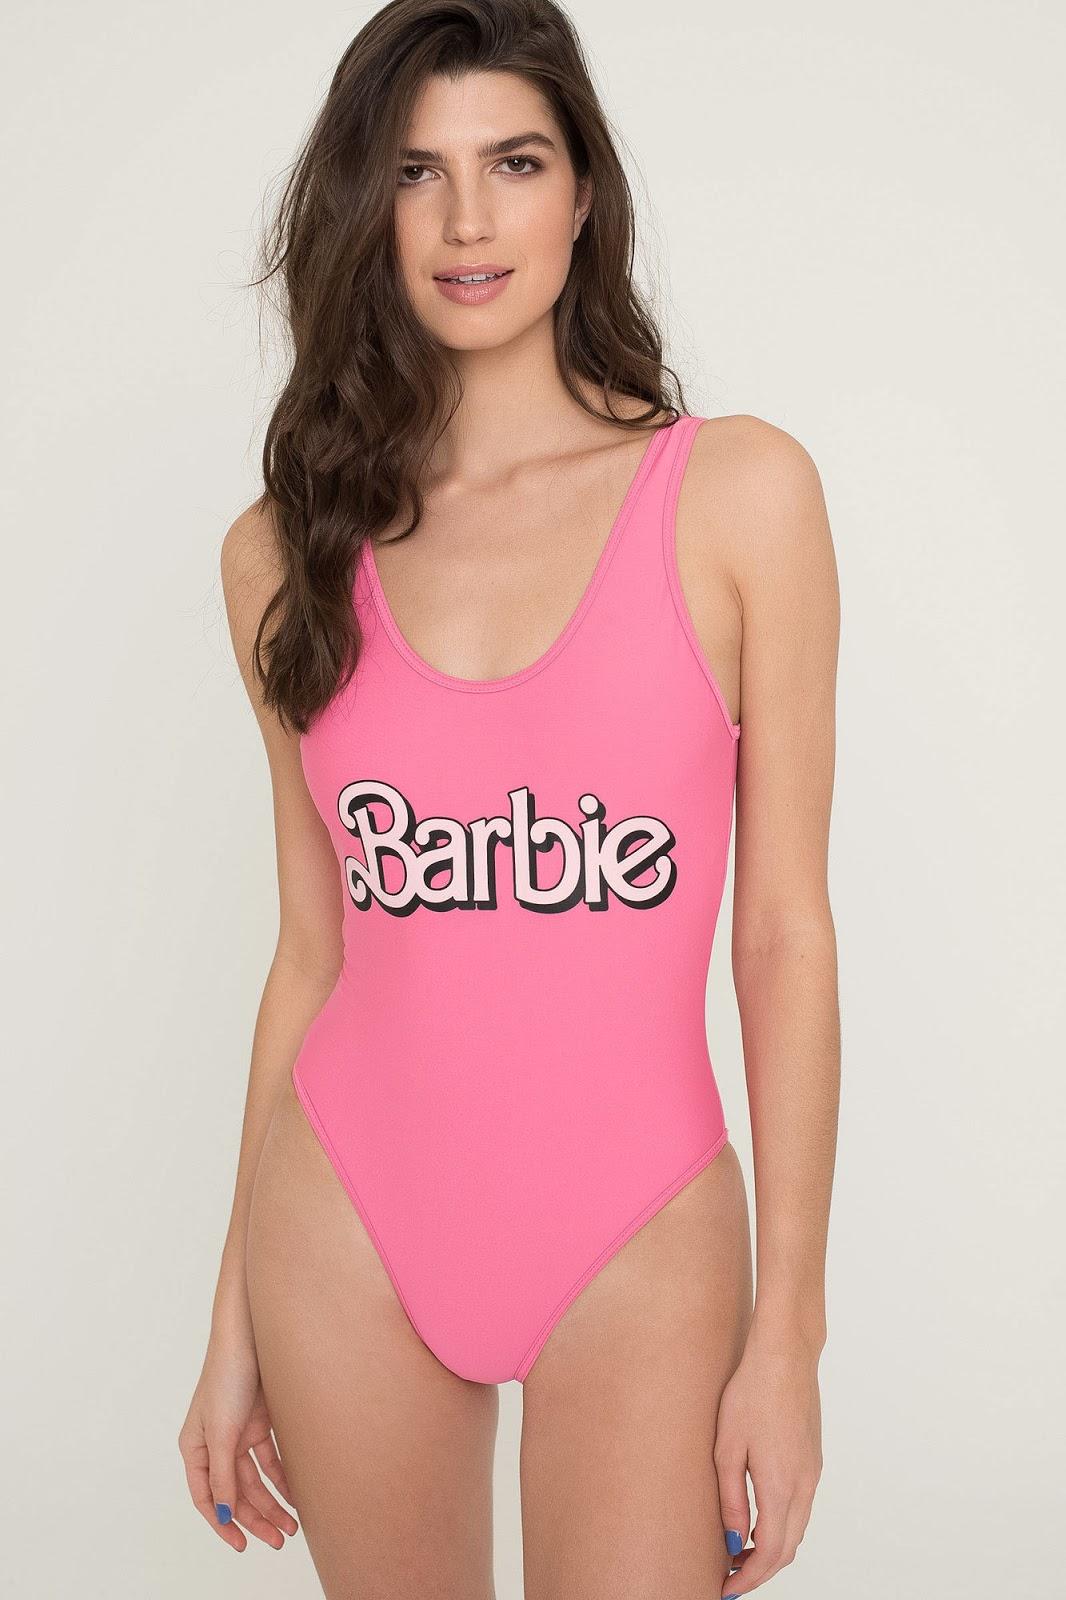 Barbie one piece